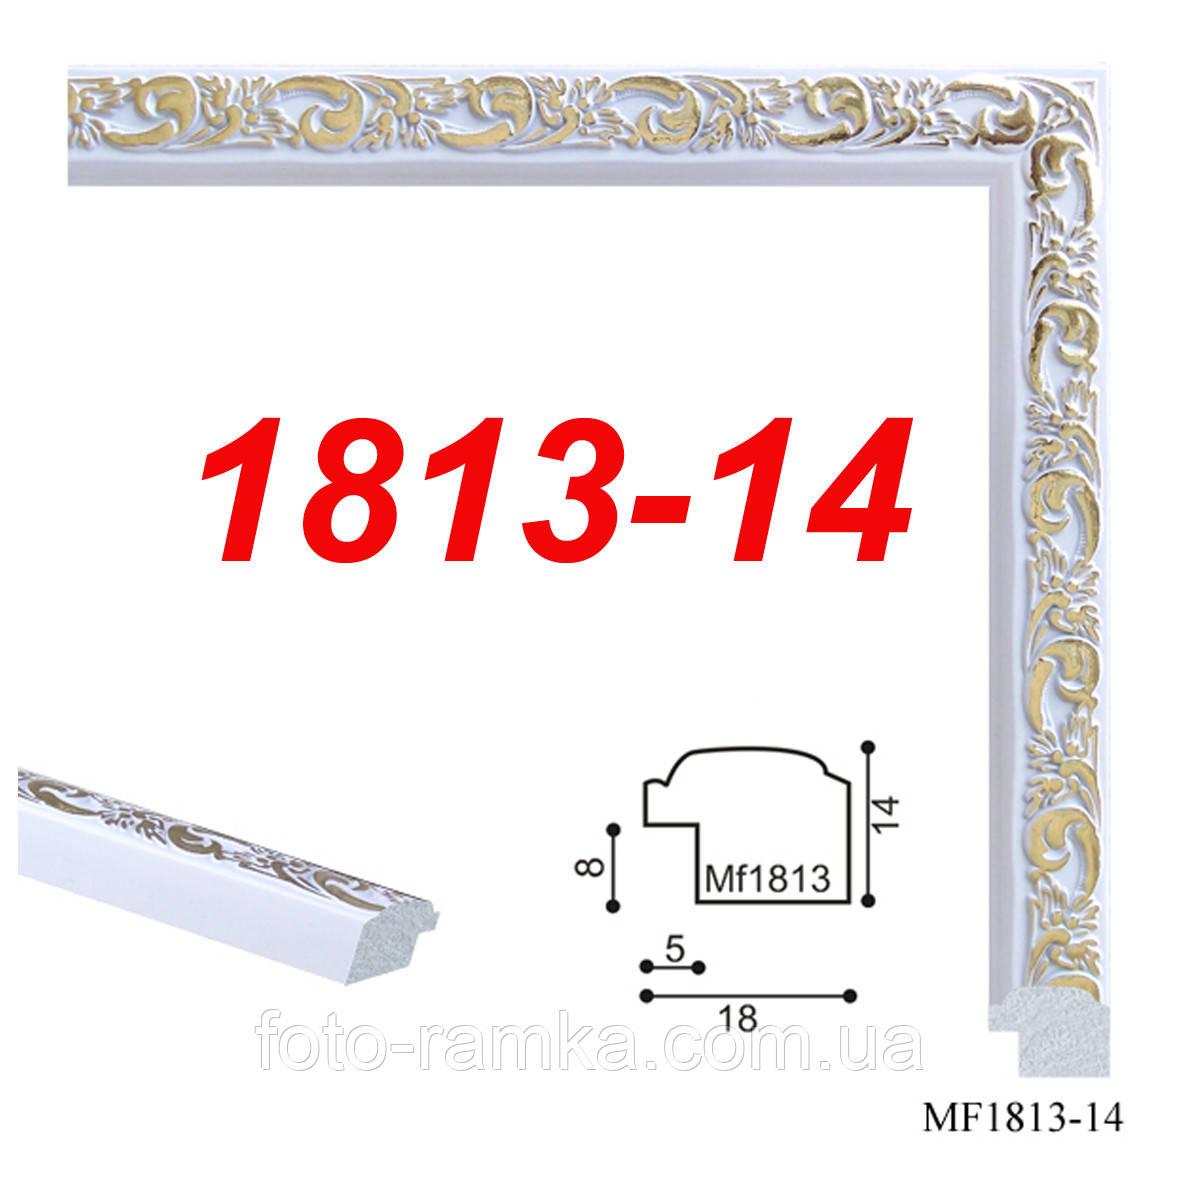 20х30 Фоторамка 1813